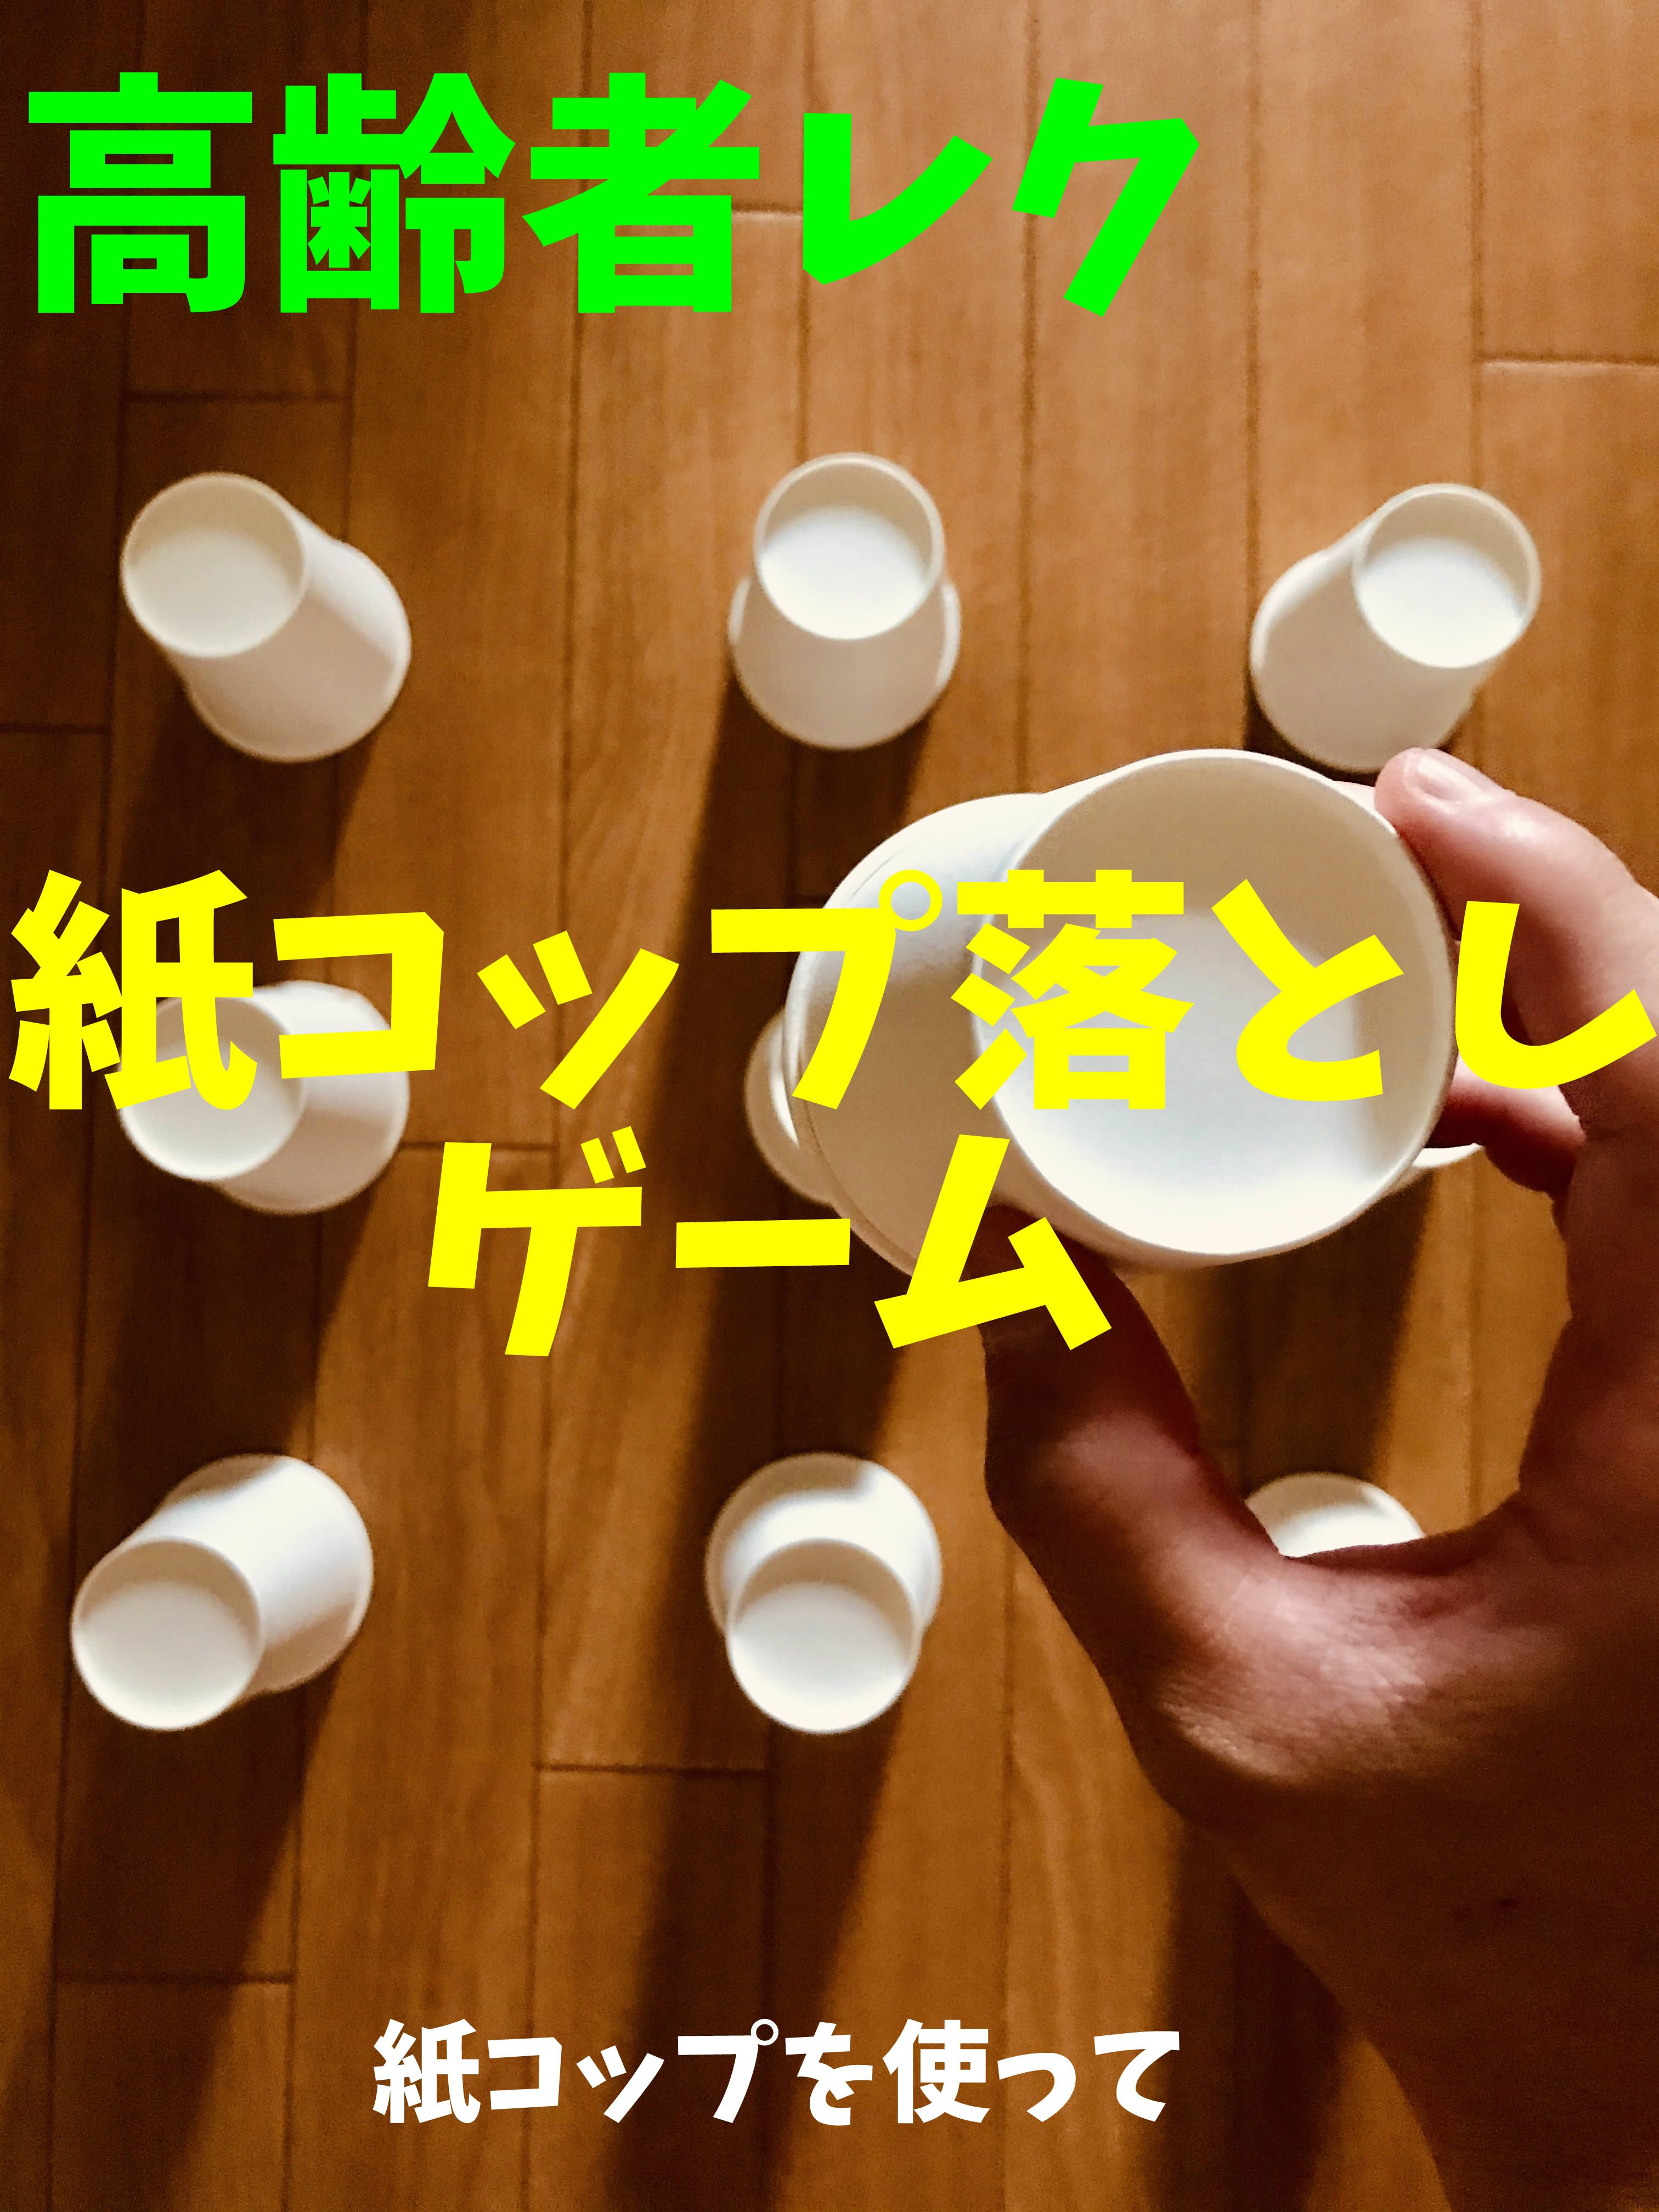 コップ ゲーム 紙